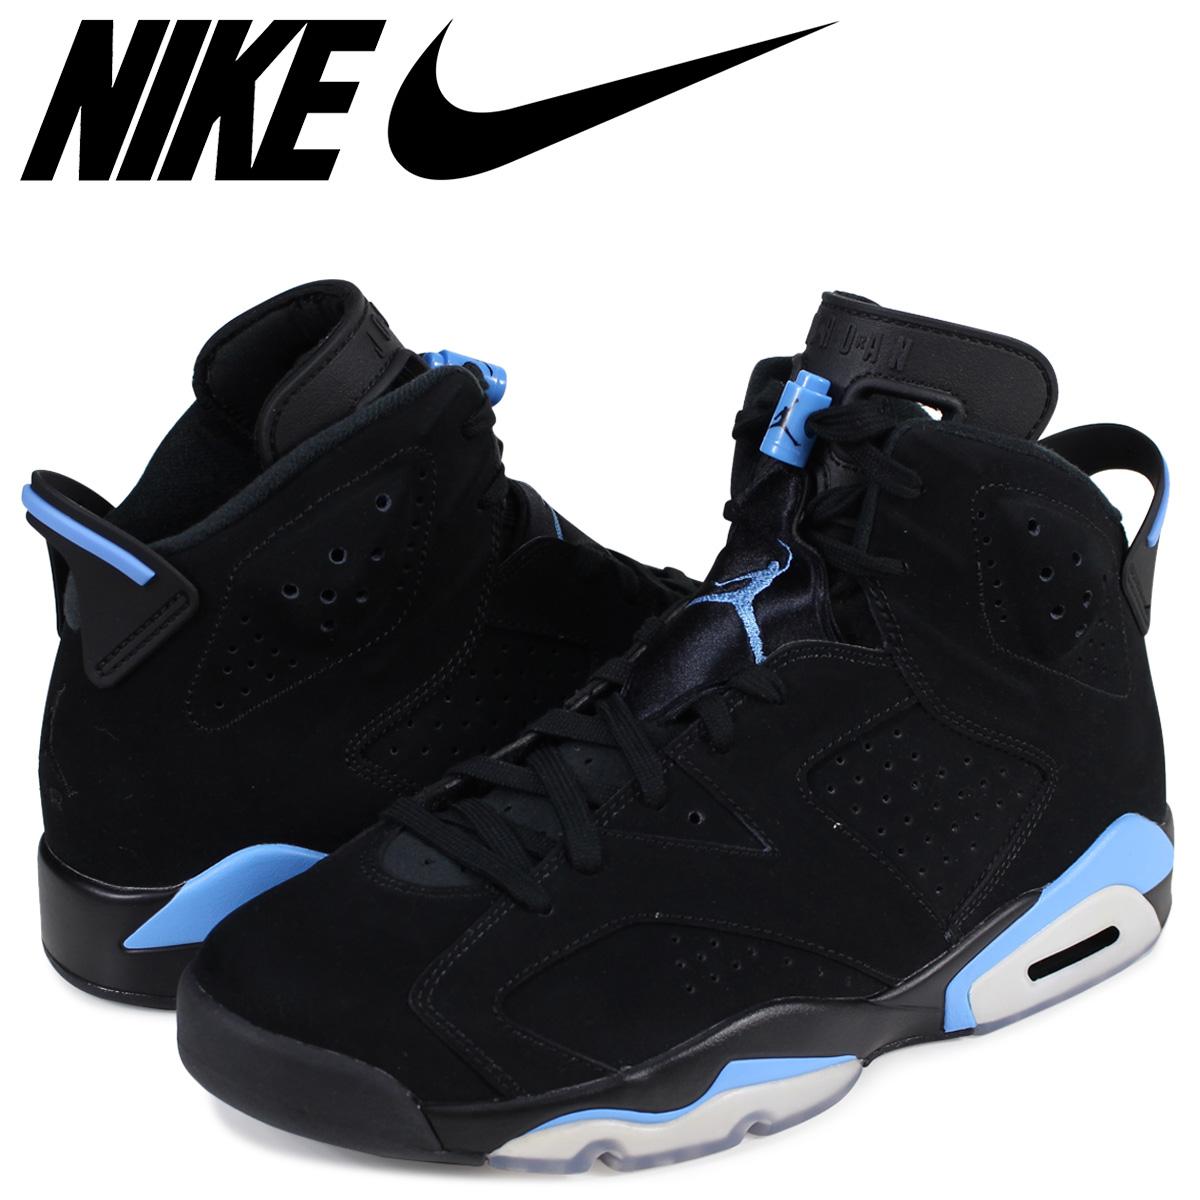 b0c469b4aaeb39 ALLSPORTS  NIKE AIR JORDAN 6 RETRO Nike Air Jordan 6 nostalgic ...